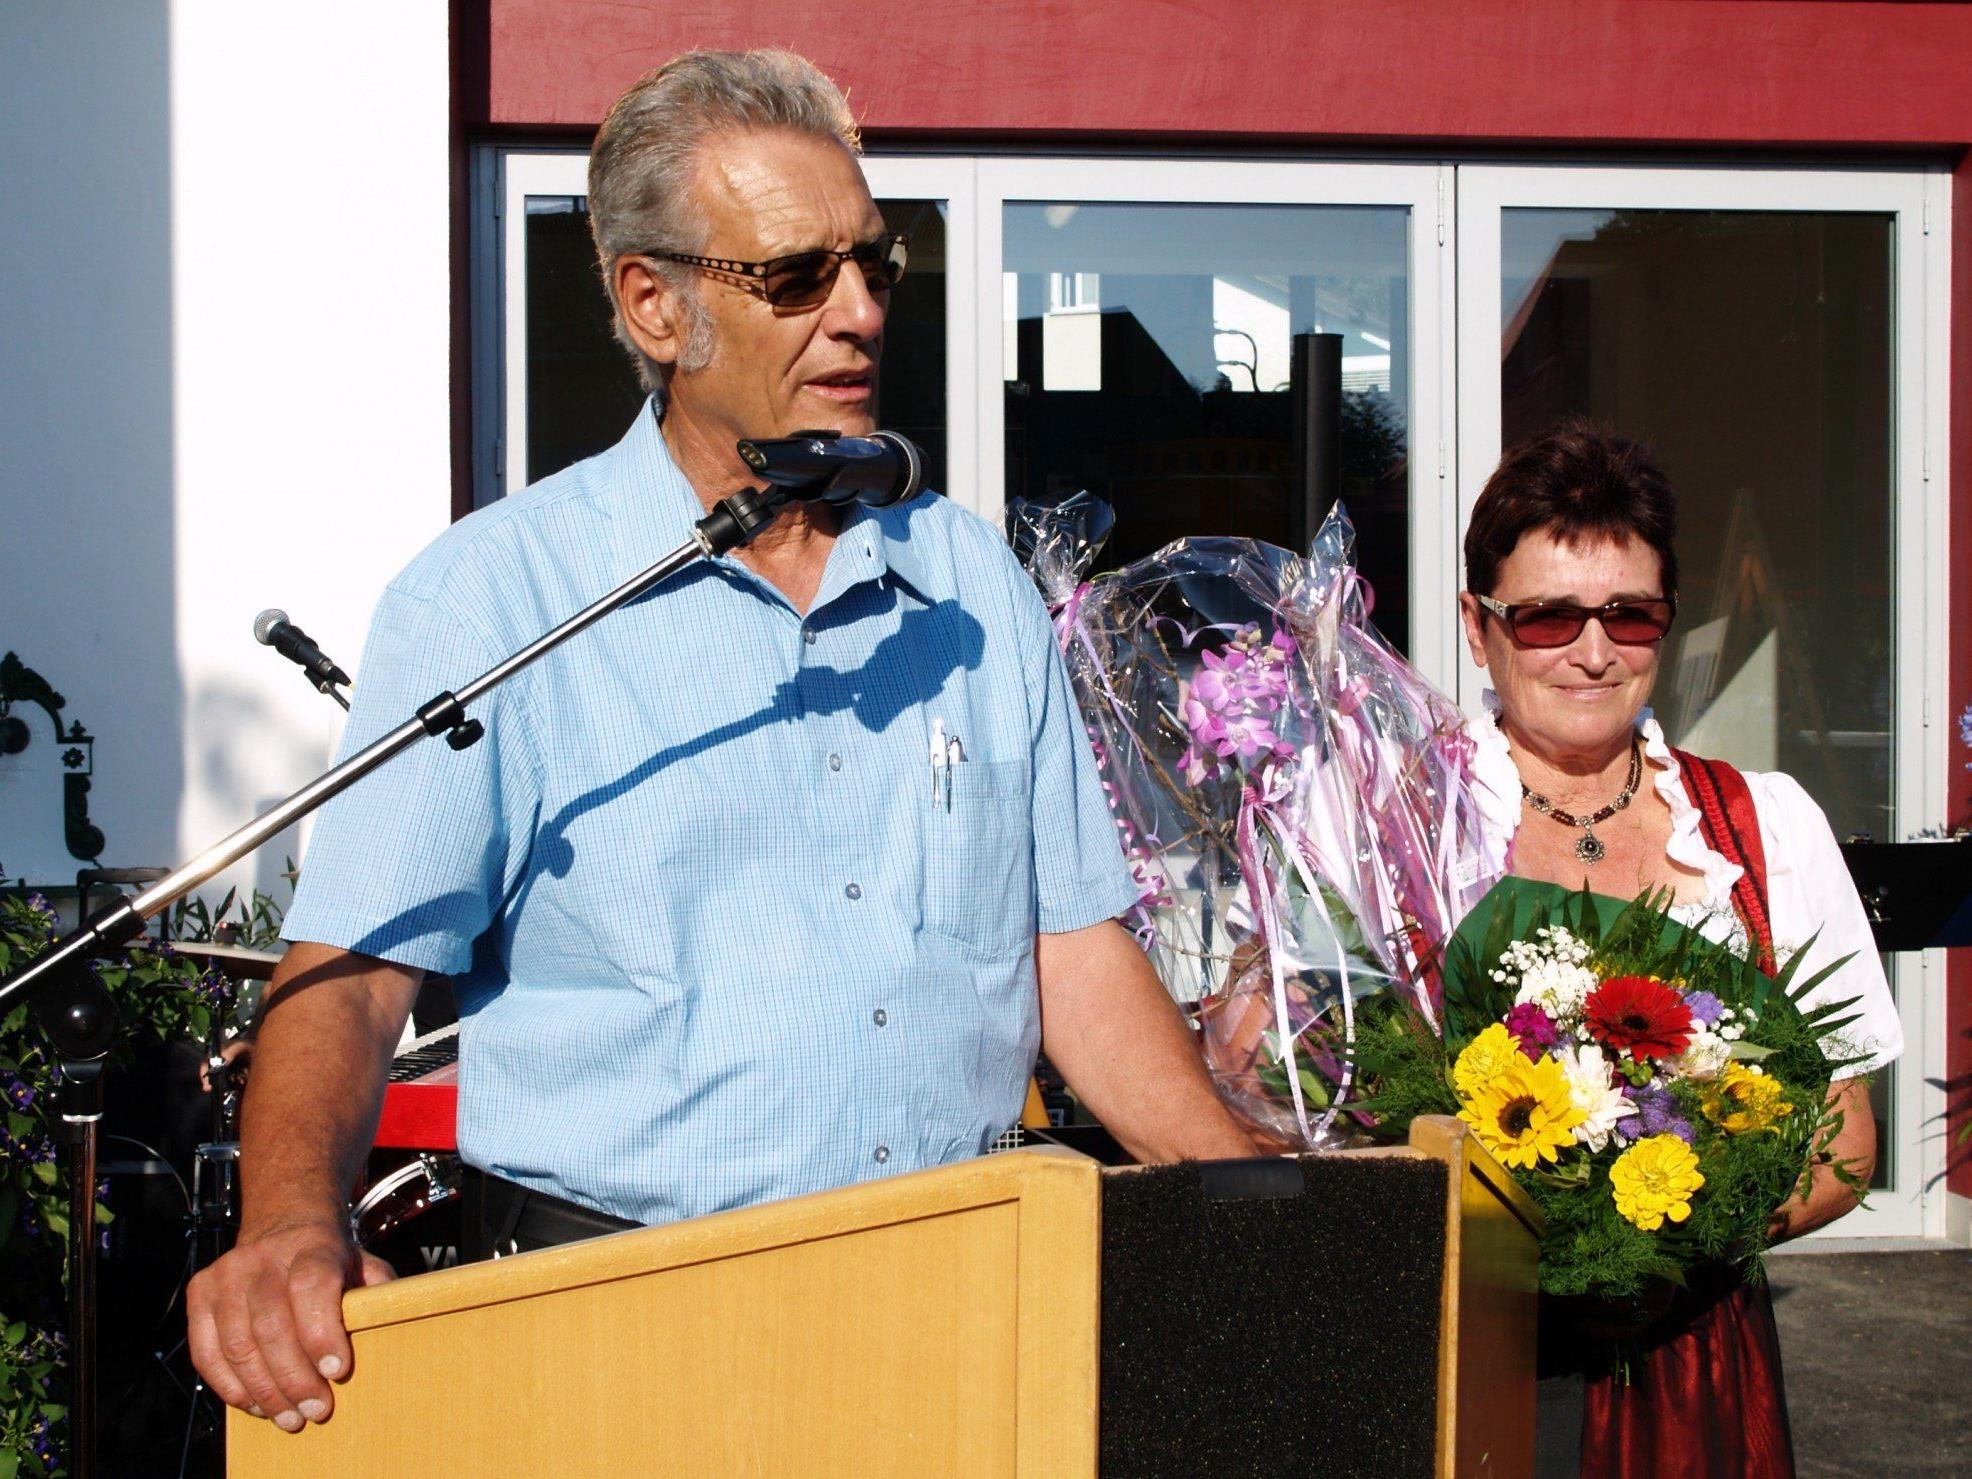 Zur Neueröffnung der Kleboth-Mühle konnten Berta und Oswald Tschugmell zahlreiche Gäste begrüßen.